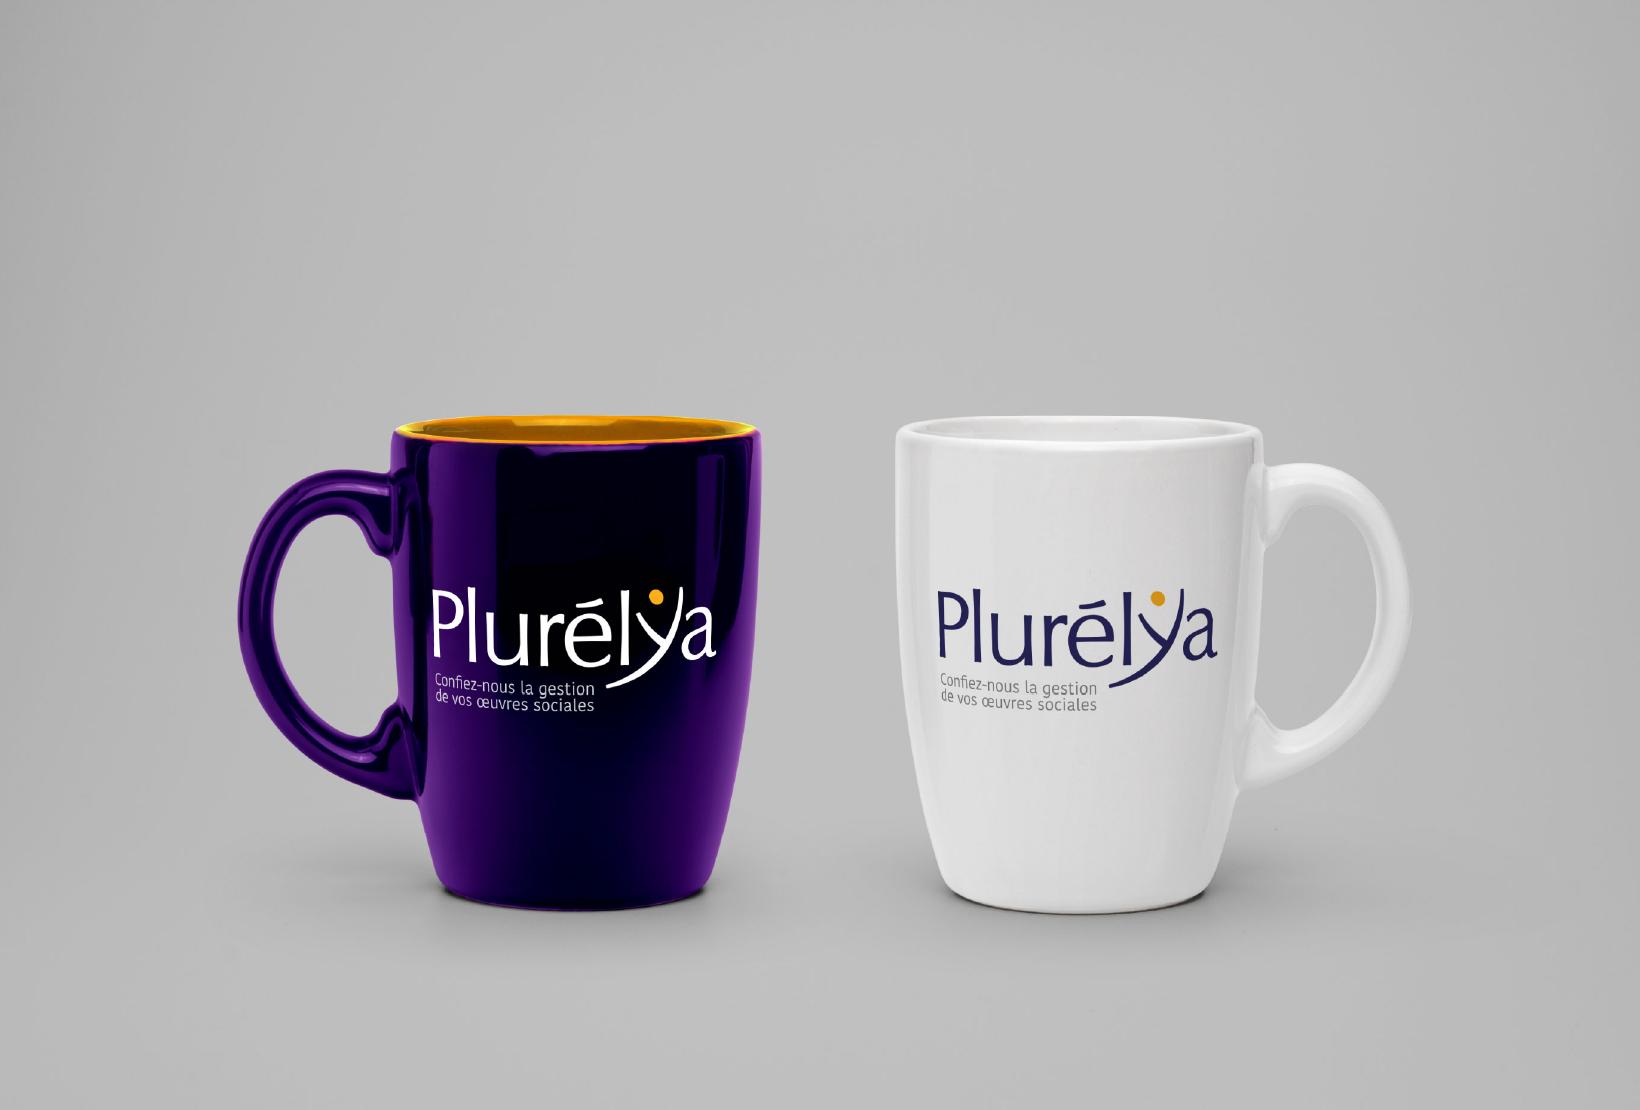 Tasses Plurélya